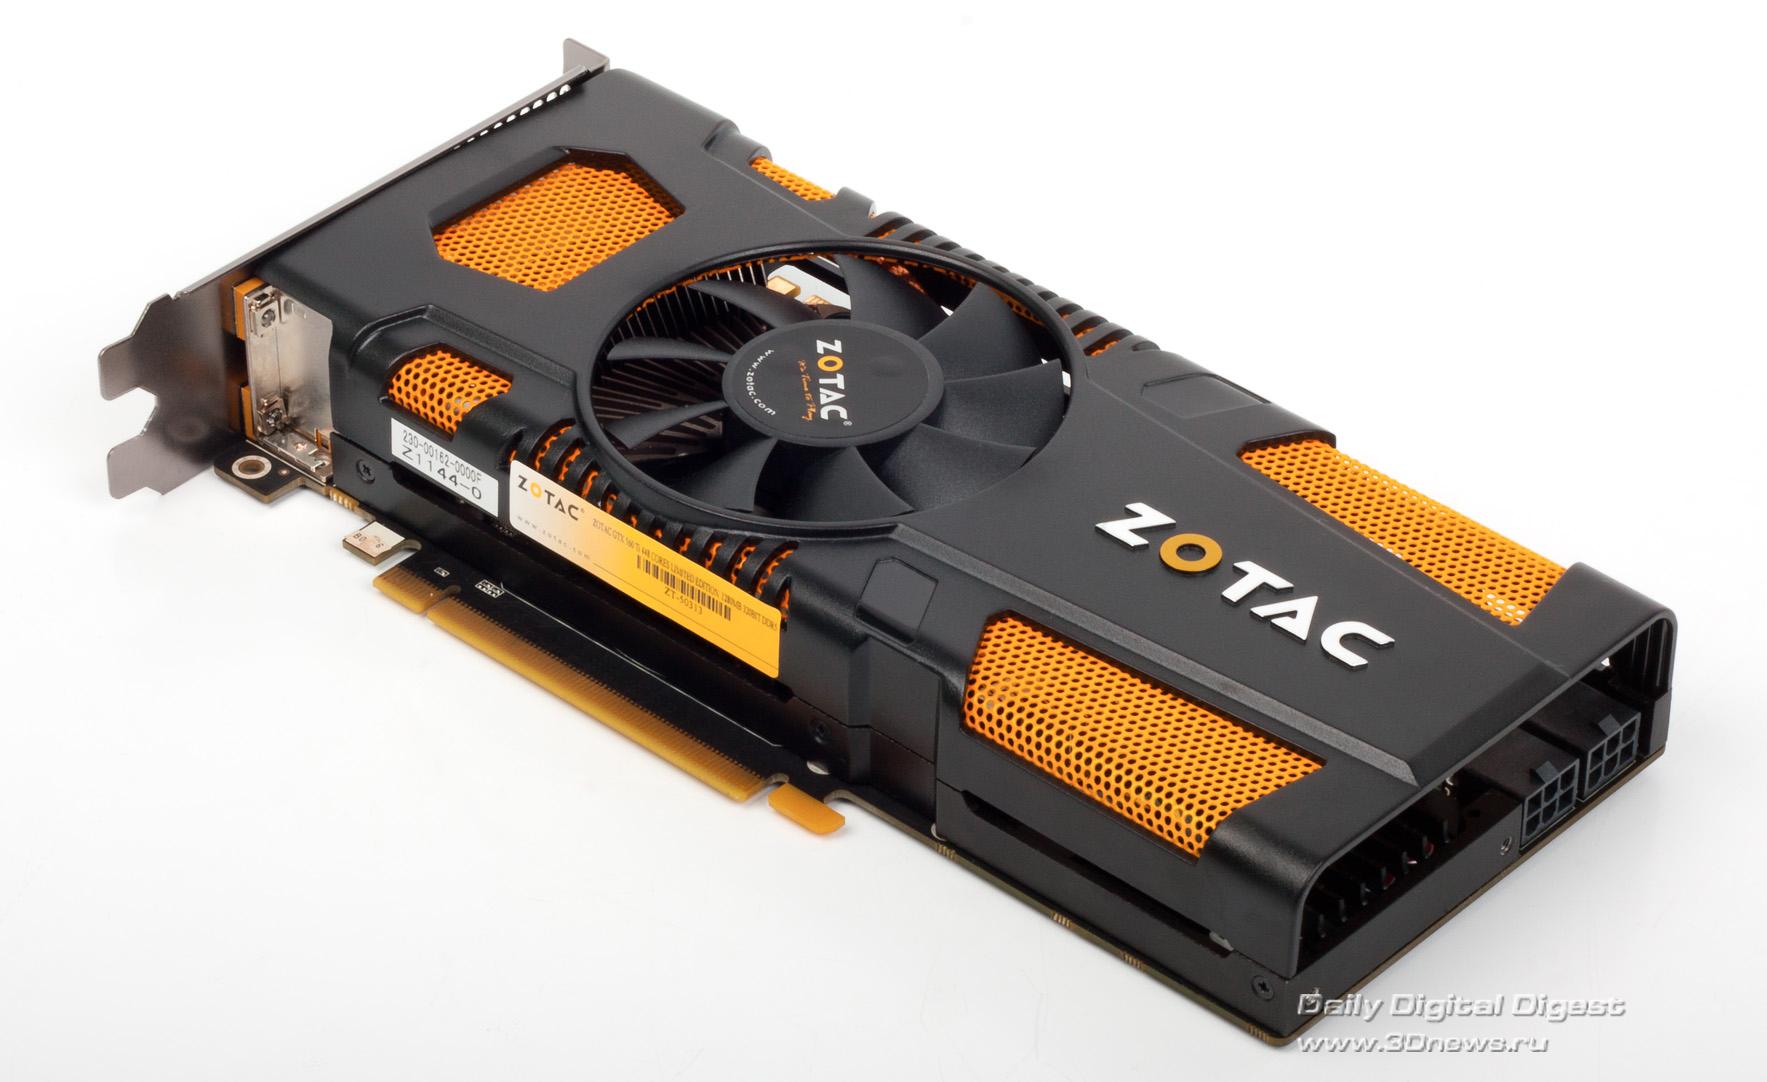 Купить видеокарту nvidia geforce gtx 570 zotac майнинг асик купить